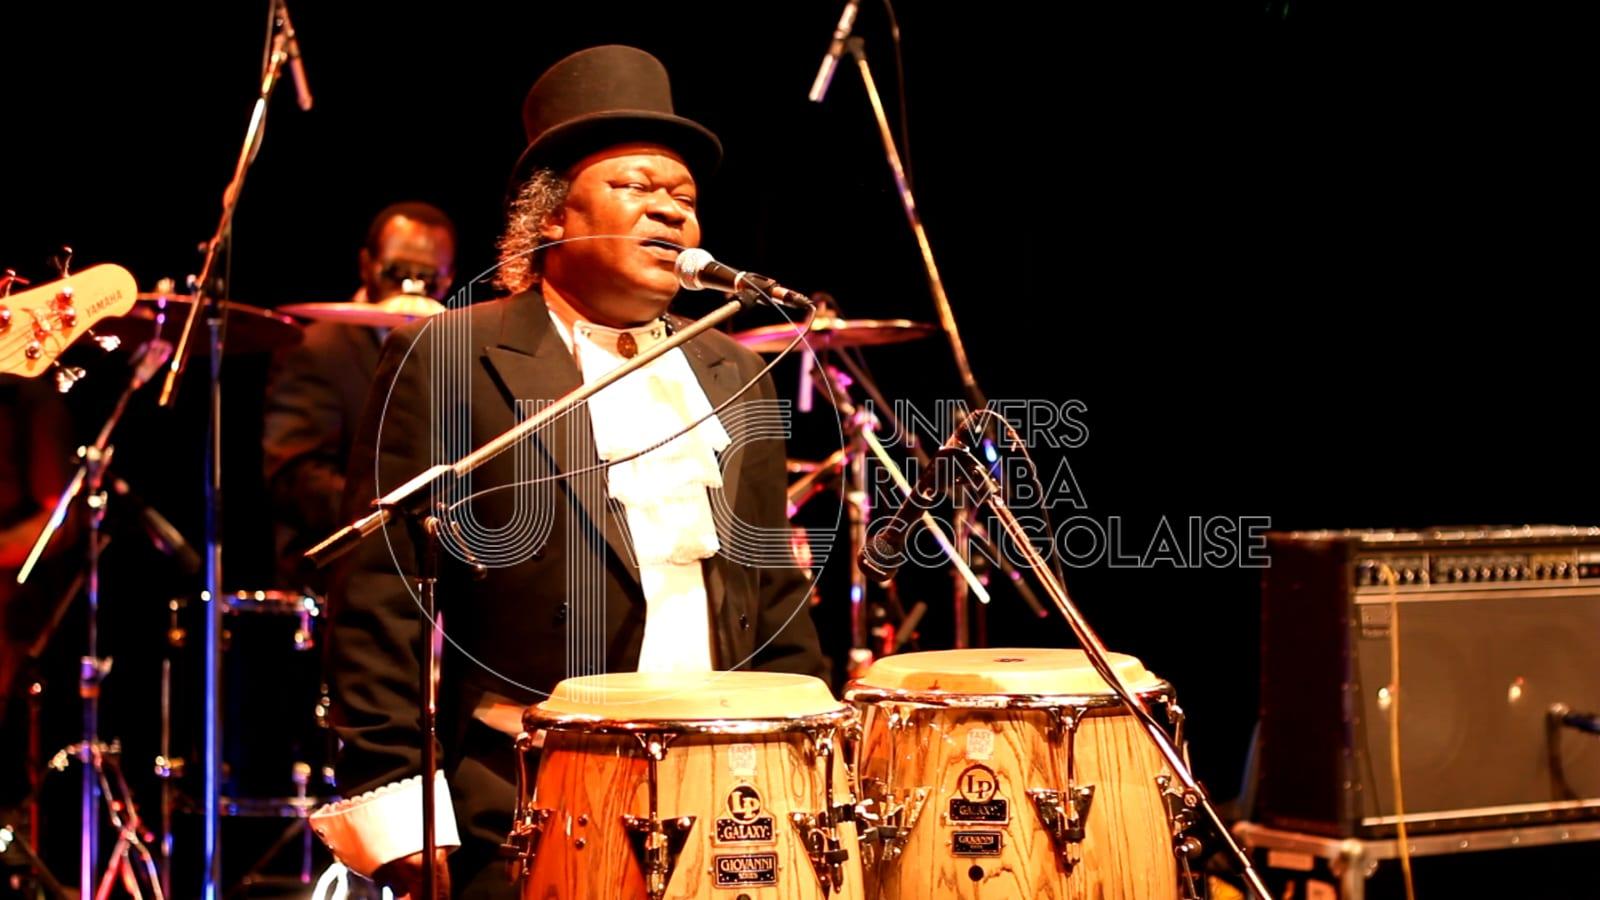 Photos : concert Barly Baruti & Congo Nostalgia 24 juin 2015